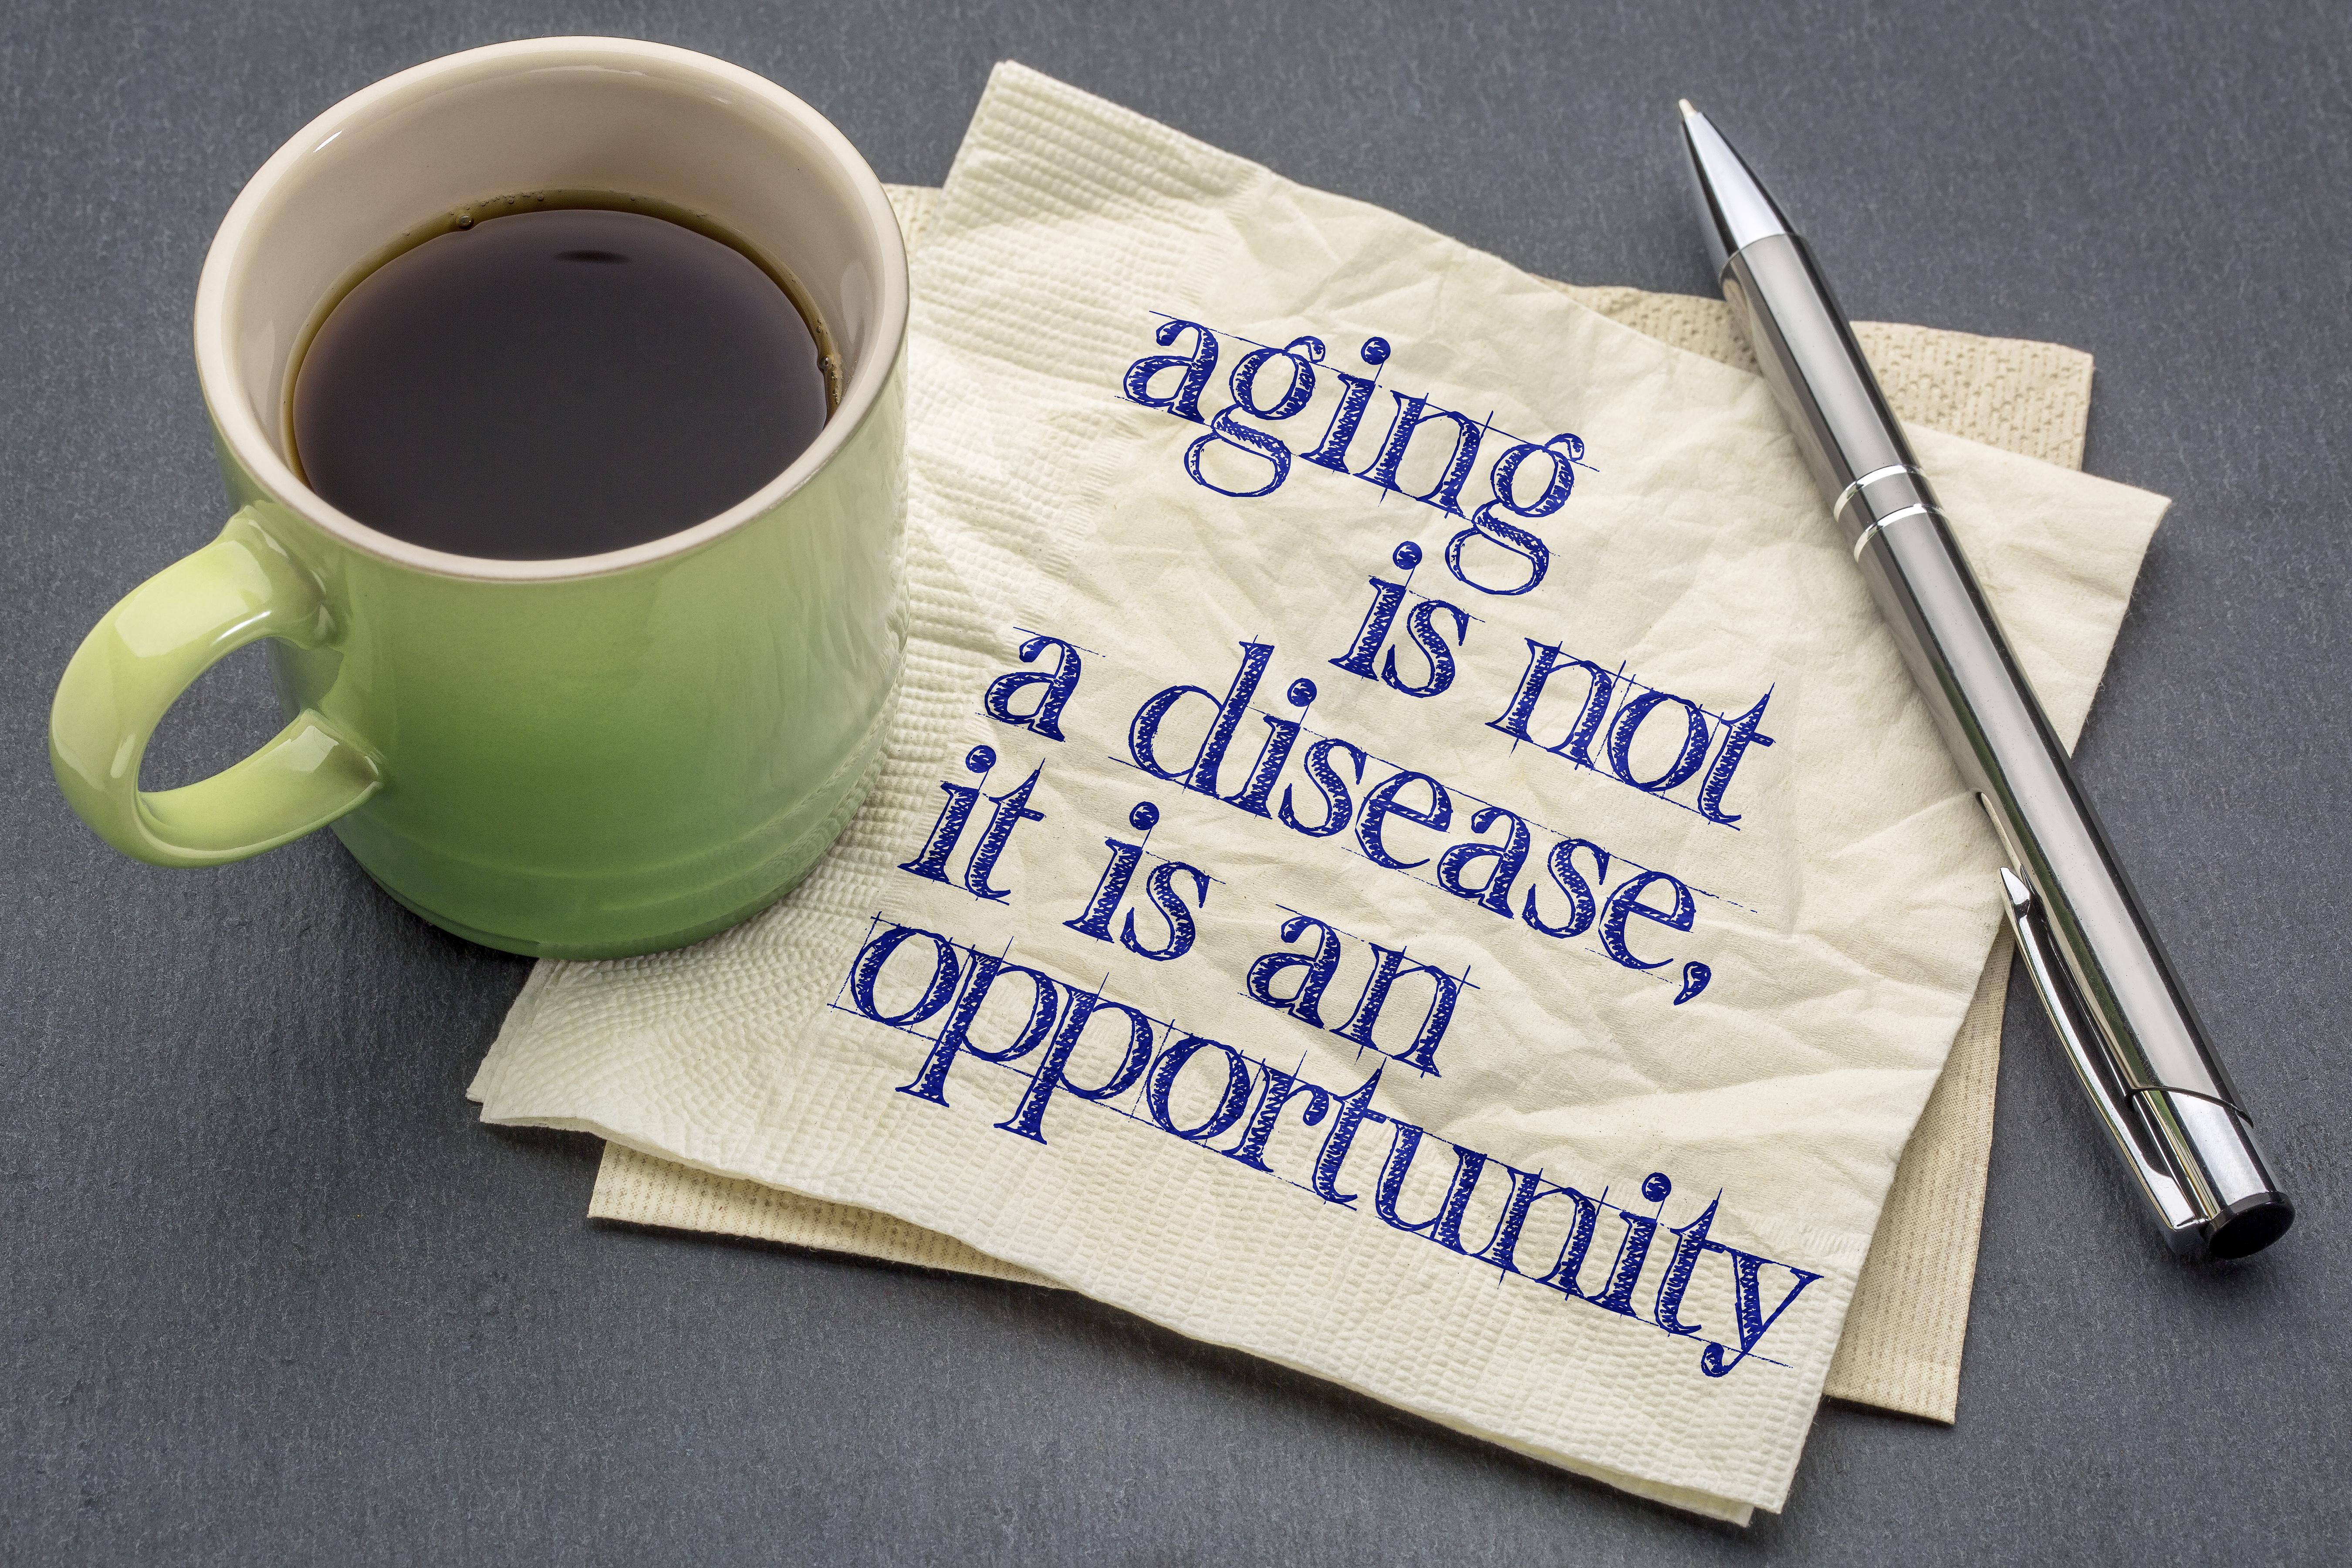 Image of quote regarding aging